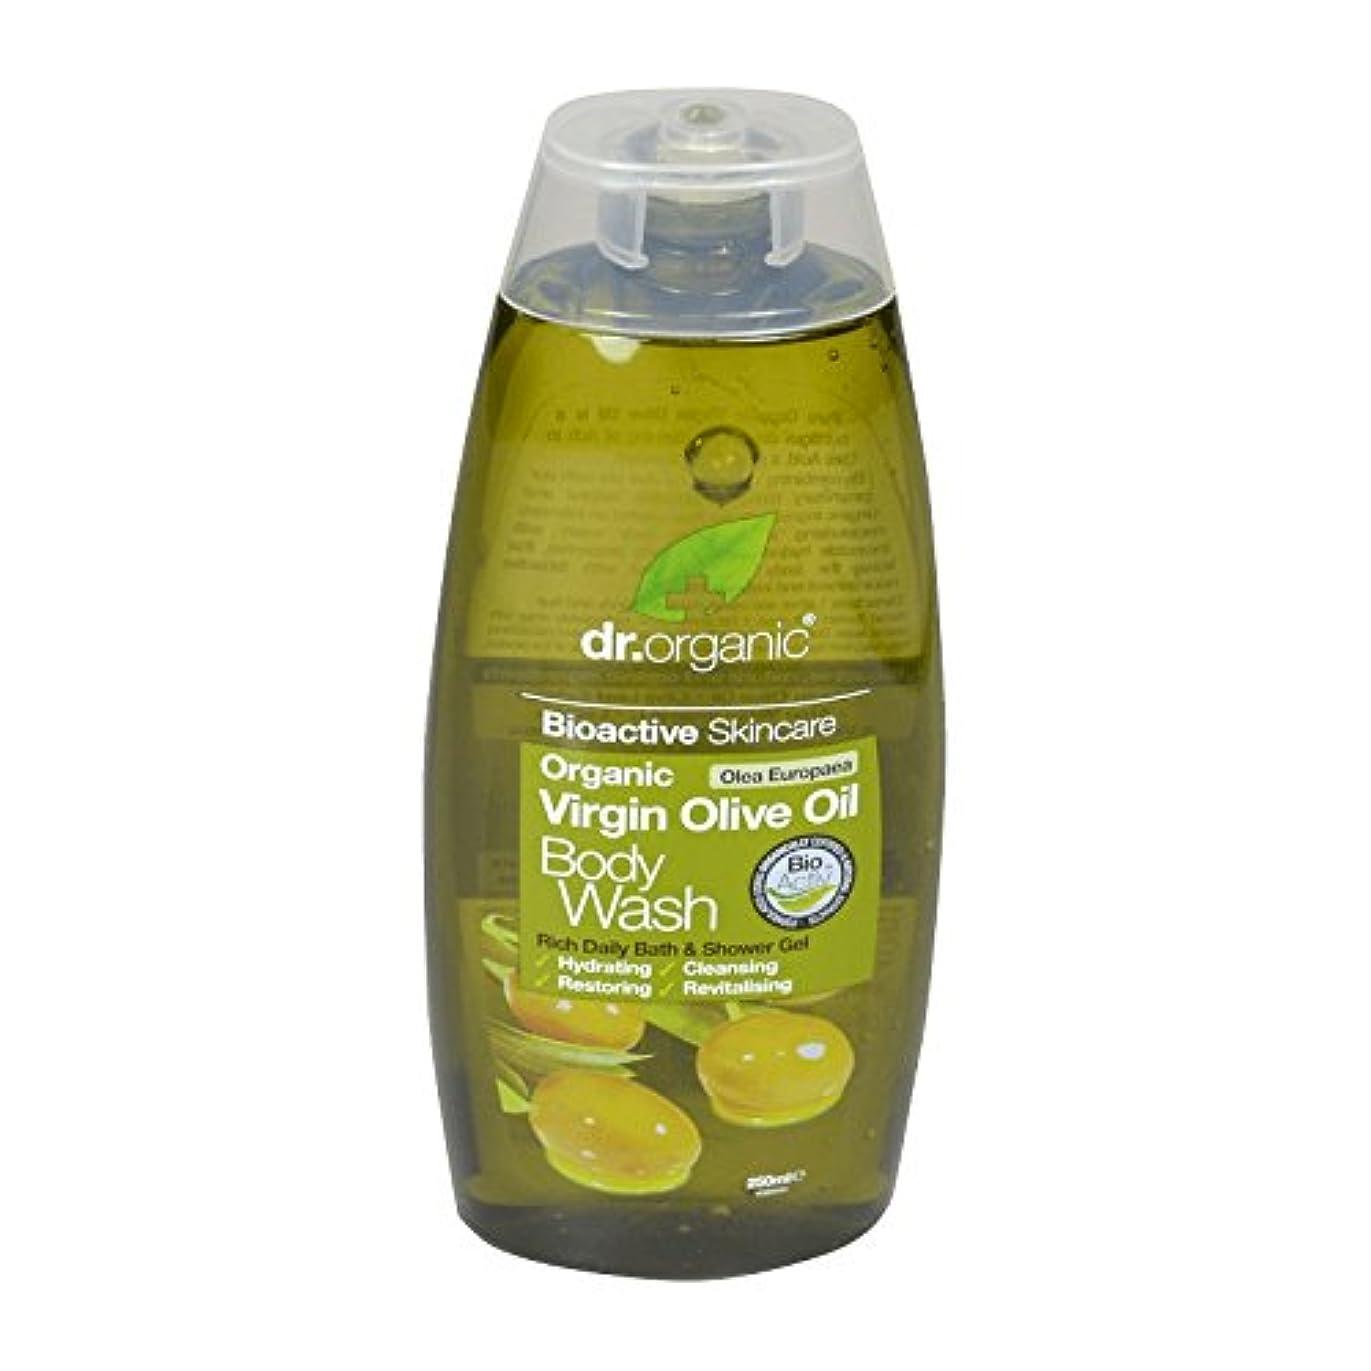 補う聞く火山Dr Organic Virgin Olive Oil Body Wash (Pack of 6) - Dr有機バージンオリーブオイルボディウォッシュ (x6) [並行輸入品]